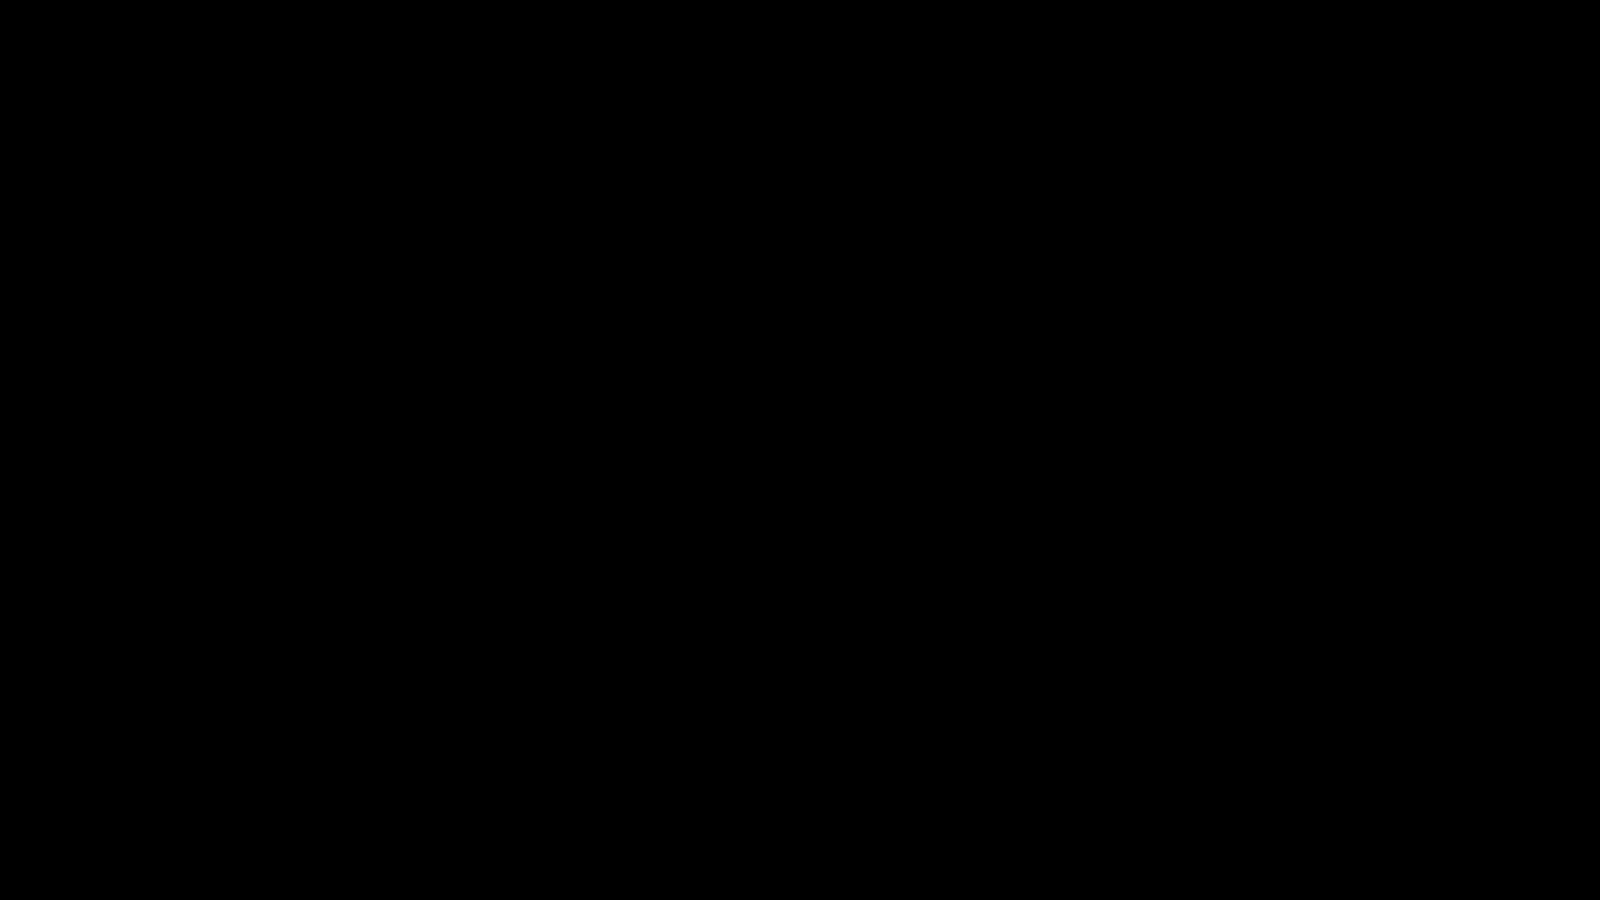 00:00 Intro 00:48 La situation géographique et l'histoire de Marseille 01:57 L'accent marseillais 06:10 Des attractions touristiques 07:28 Le plat et la boisson traditionnels 09:57 Le sport 13:16 Le rap 14:55 Les quartiers Nord 16:48 La corruption 19:06 Déménager à Marseille 21:23 La tendance à exagérer 22:27 La cagole 24:38 La série «Plus belle la vie» 26:01 L'hymne national  La transcription de la vidéo https://drive.google.com/uc?export=download&id=1MmeUMcaUrYg6dCgrzTNfUUyEzf9iiwCZ  198 expressions pour comprendre le français parlé https://innerfrench.com/frenchphrases/  Le Podcast innerFrench https://innerfrench.com/podcast/  Le cours intermédiaire «Build a Strong Core» https://innerfrench.com/strongcore  Le cours avancé «Raconte ton histoire» https://innerfrench.com/histoire